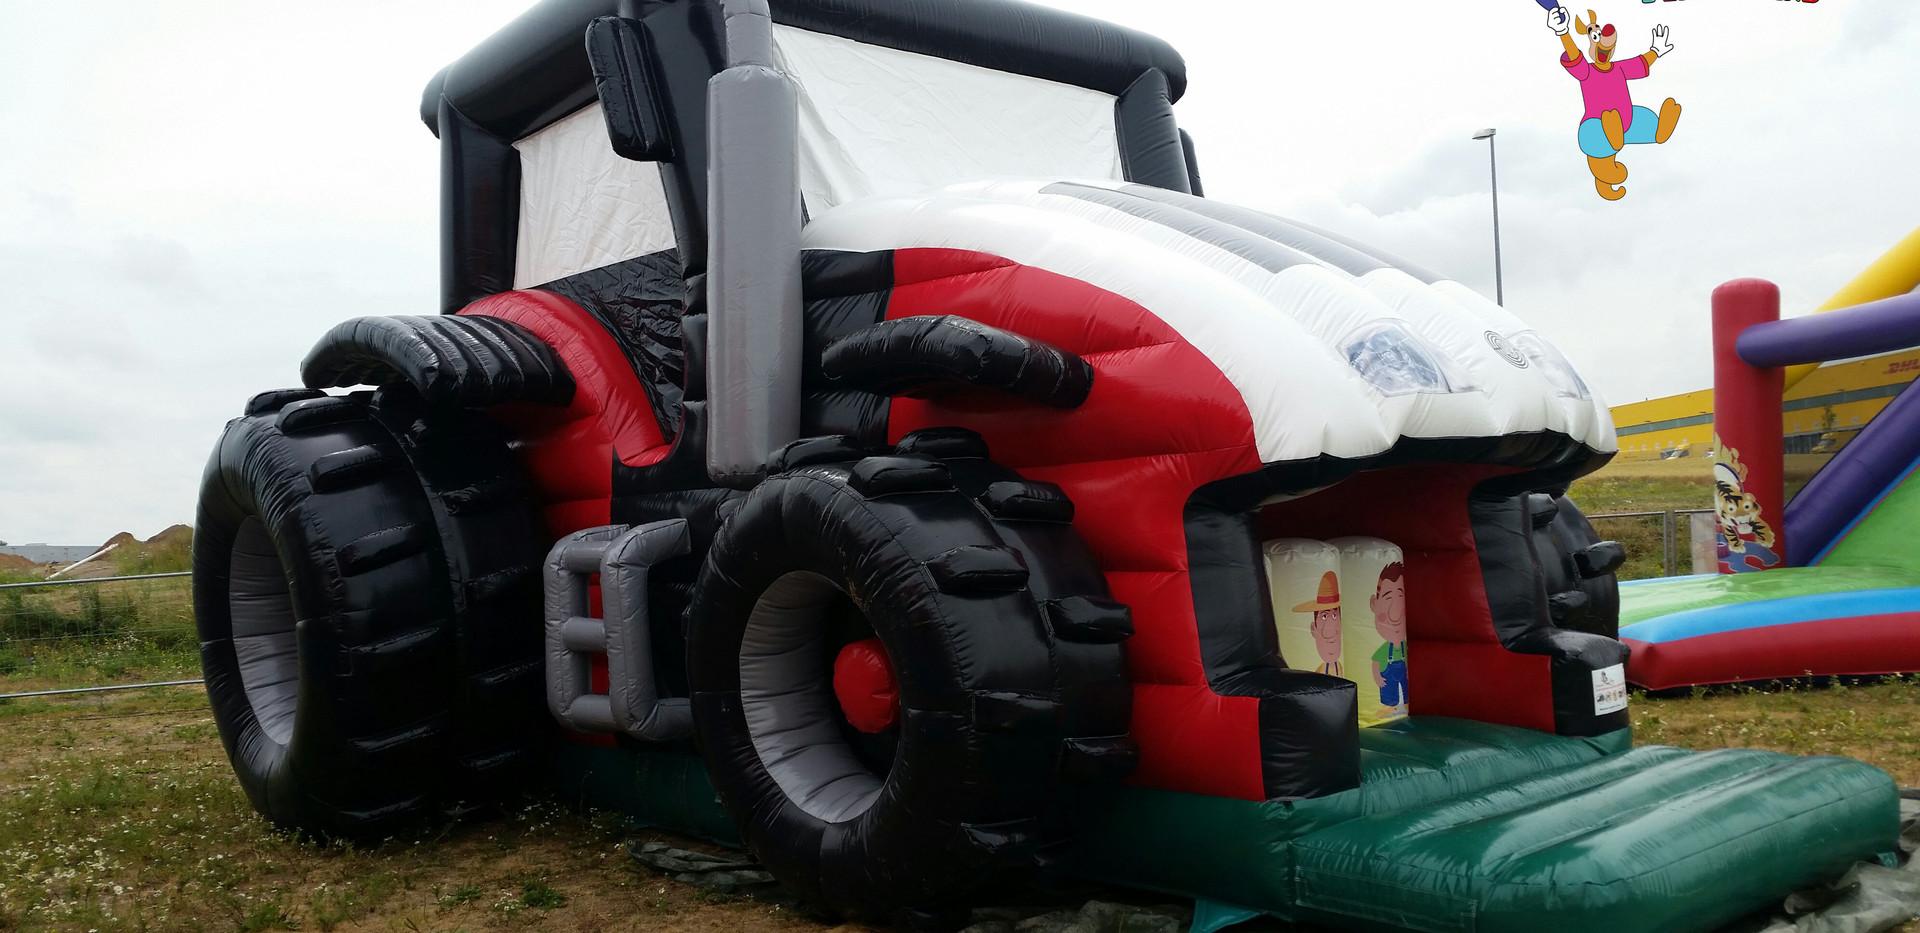 Traktor Mieten Ulm